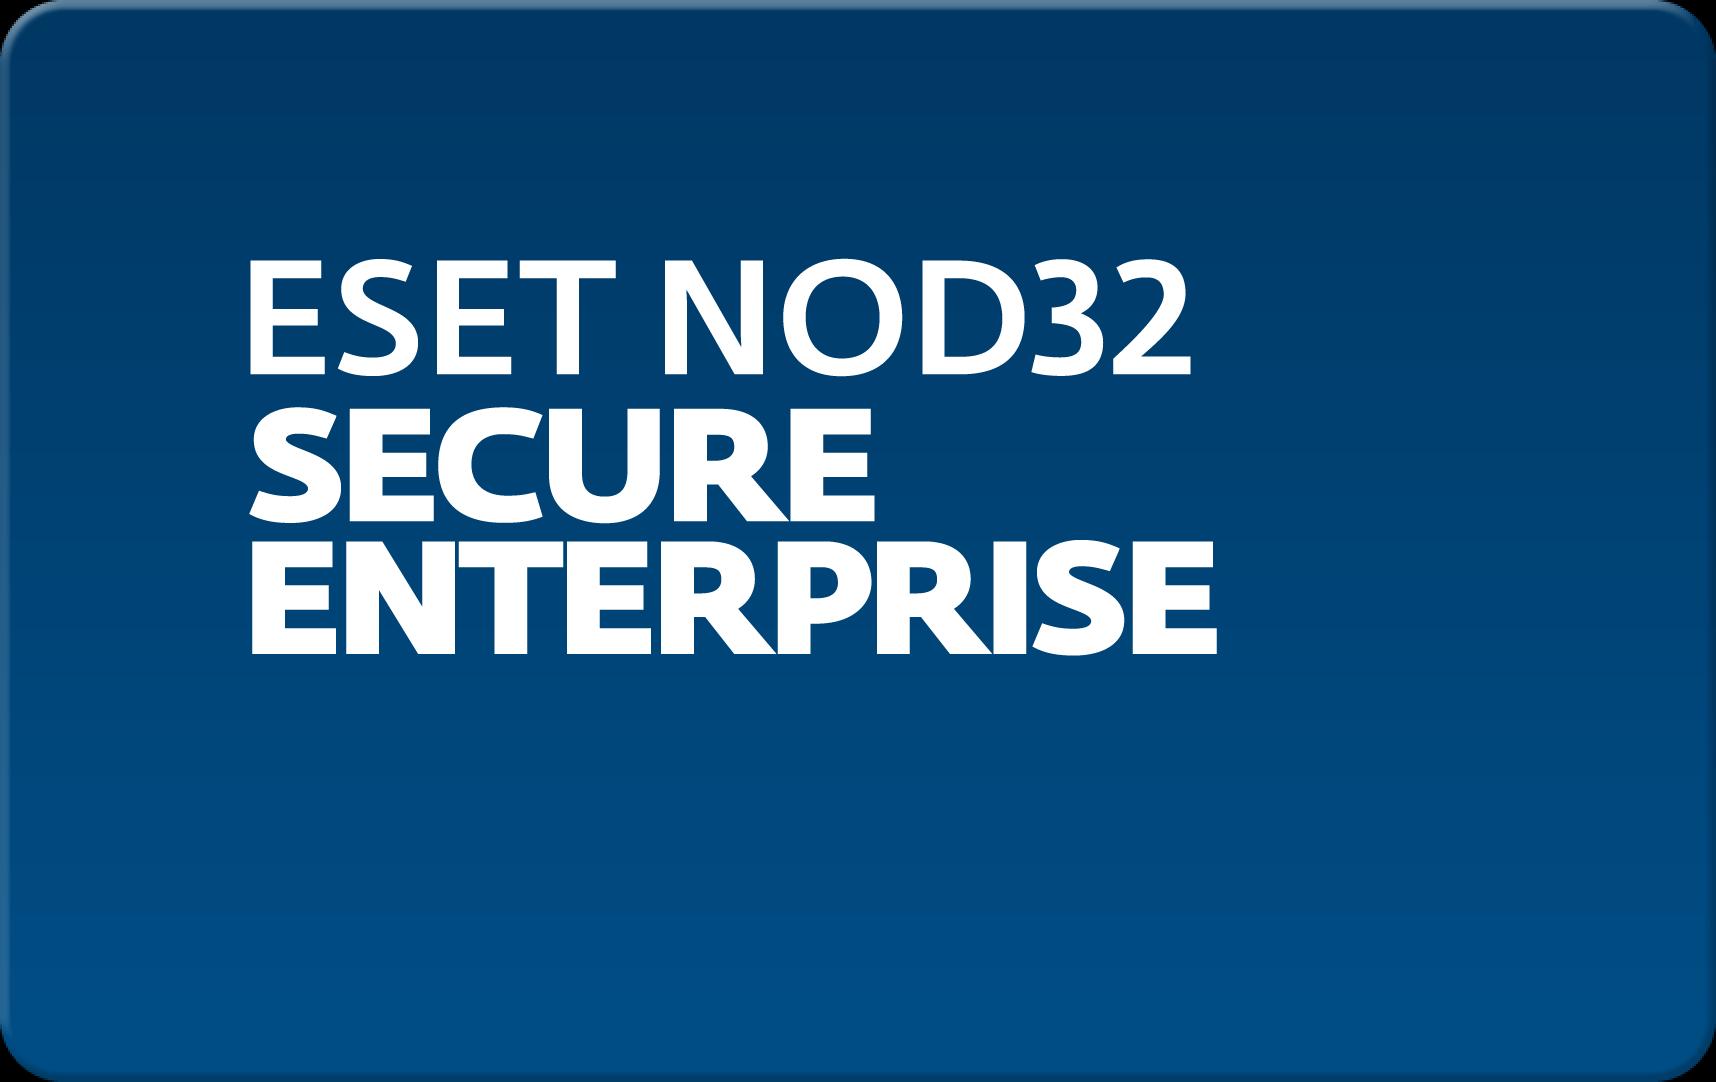 Кроссплатформенная антивирусная защита всех узлов корпоративной сети ESET Eset NOD32 Secure Enterprise  для 200 пользователей